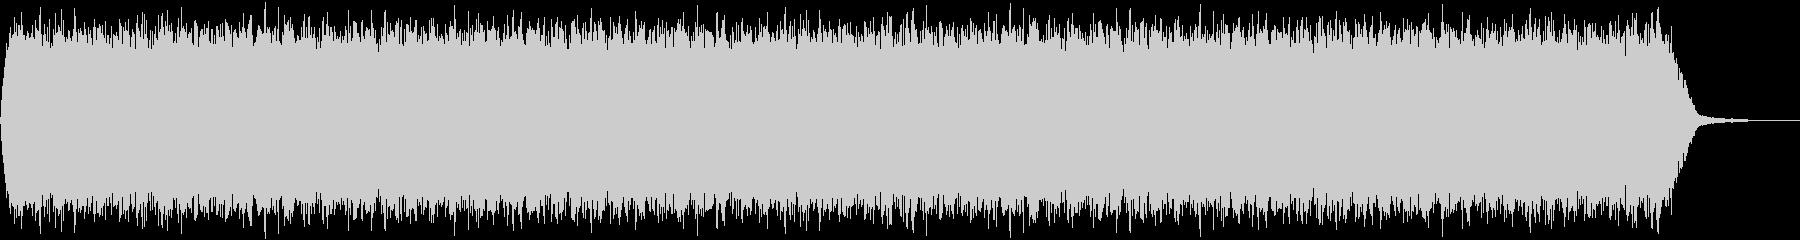 【アンビエント】ドローン_11 実験音の未再生の波形